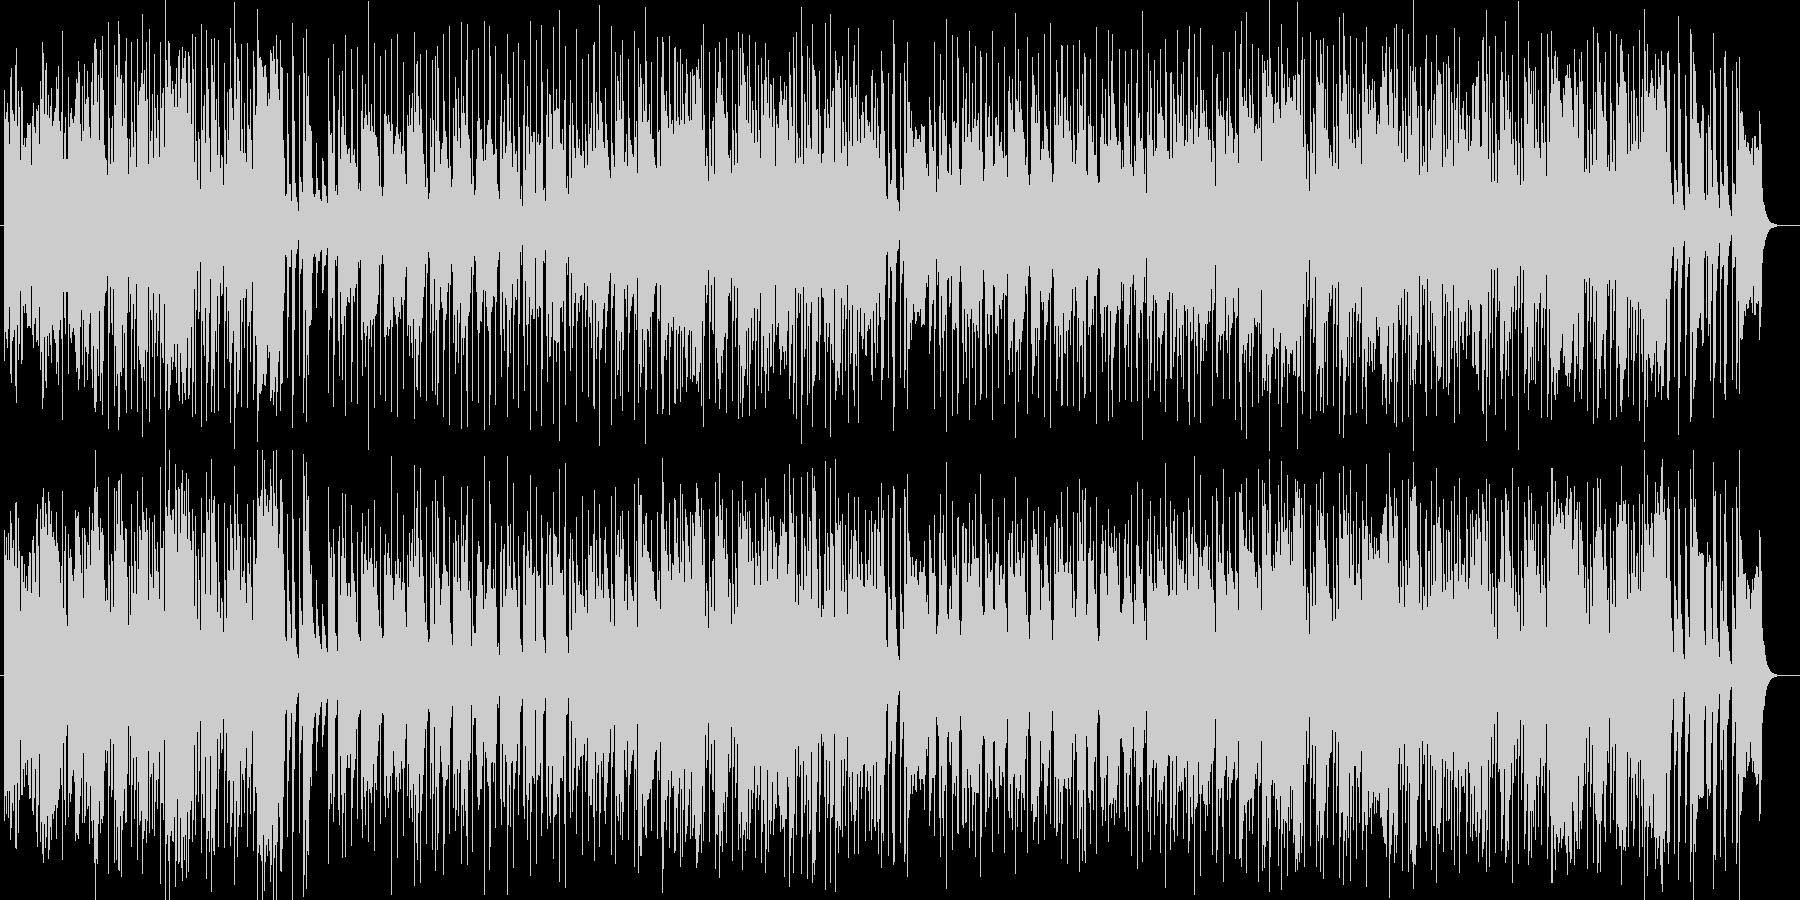 ドラマティックなシンセサイザーギター曲の未再生の波形